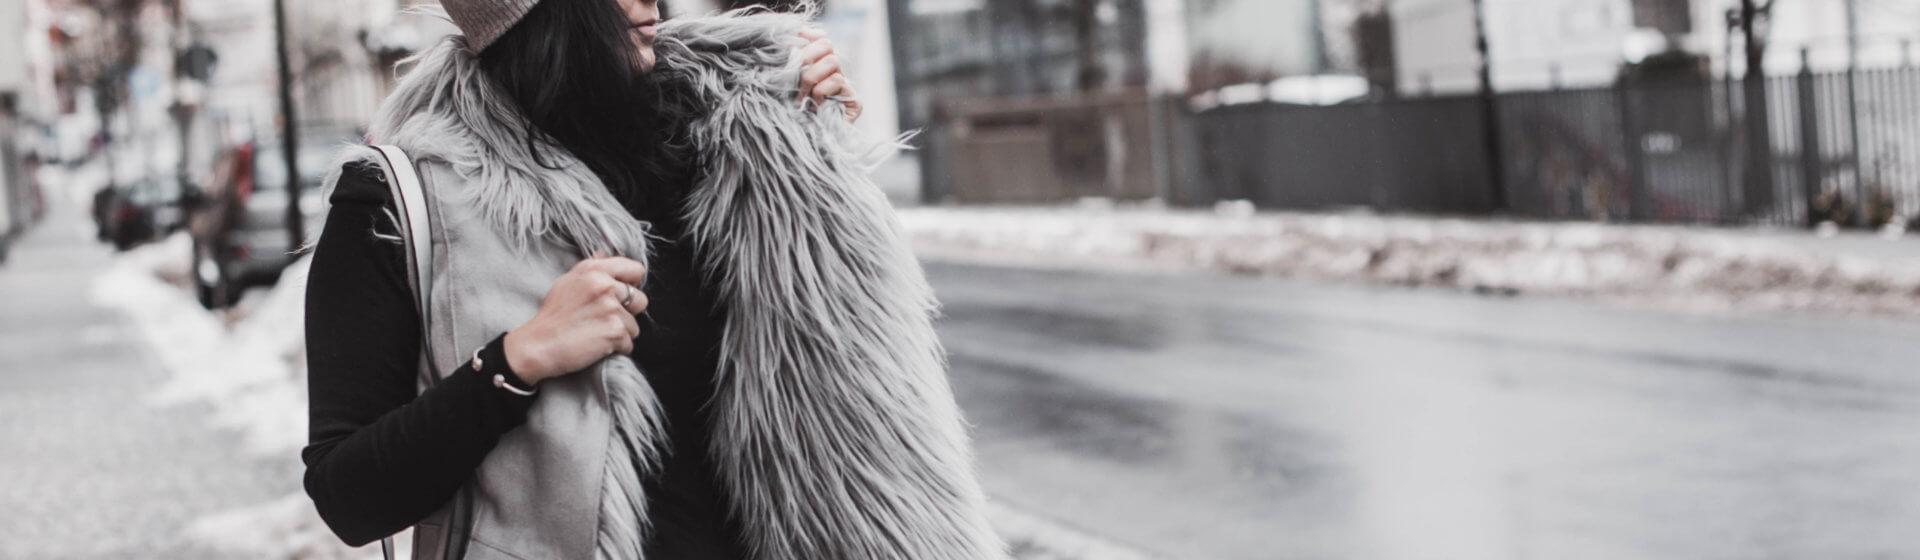 Fake Fur Westen kombinieren – So stylen wir den Trend Shoelove Deichmann